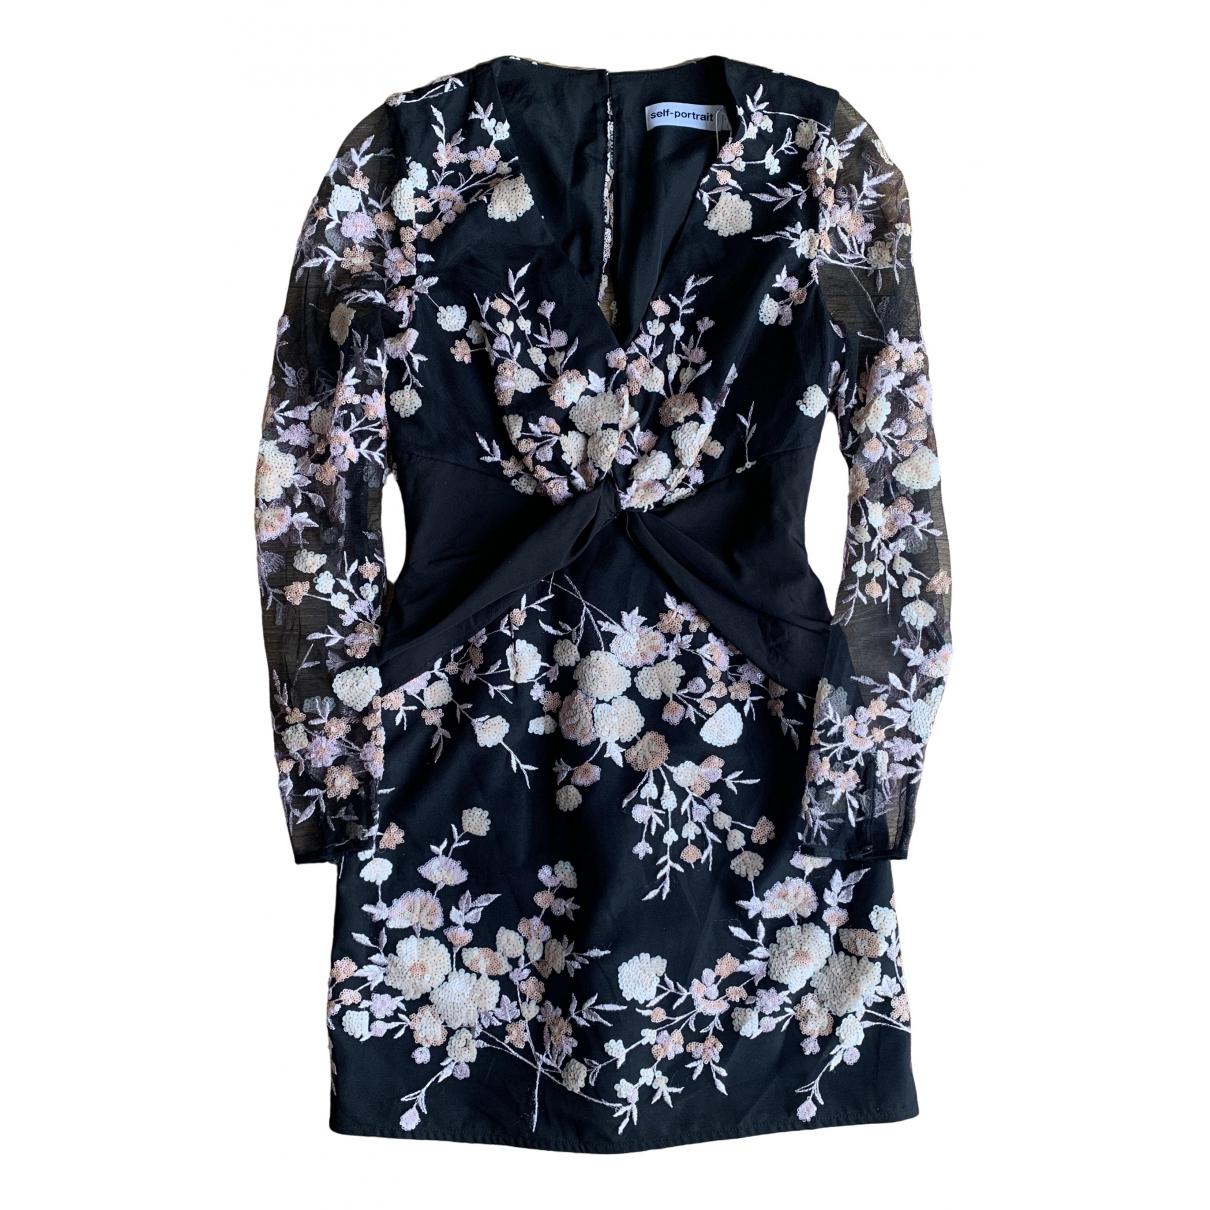 Self Portrait \N Black Lace dress for Women 8 UK